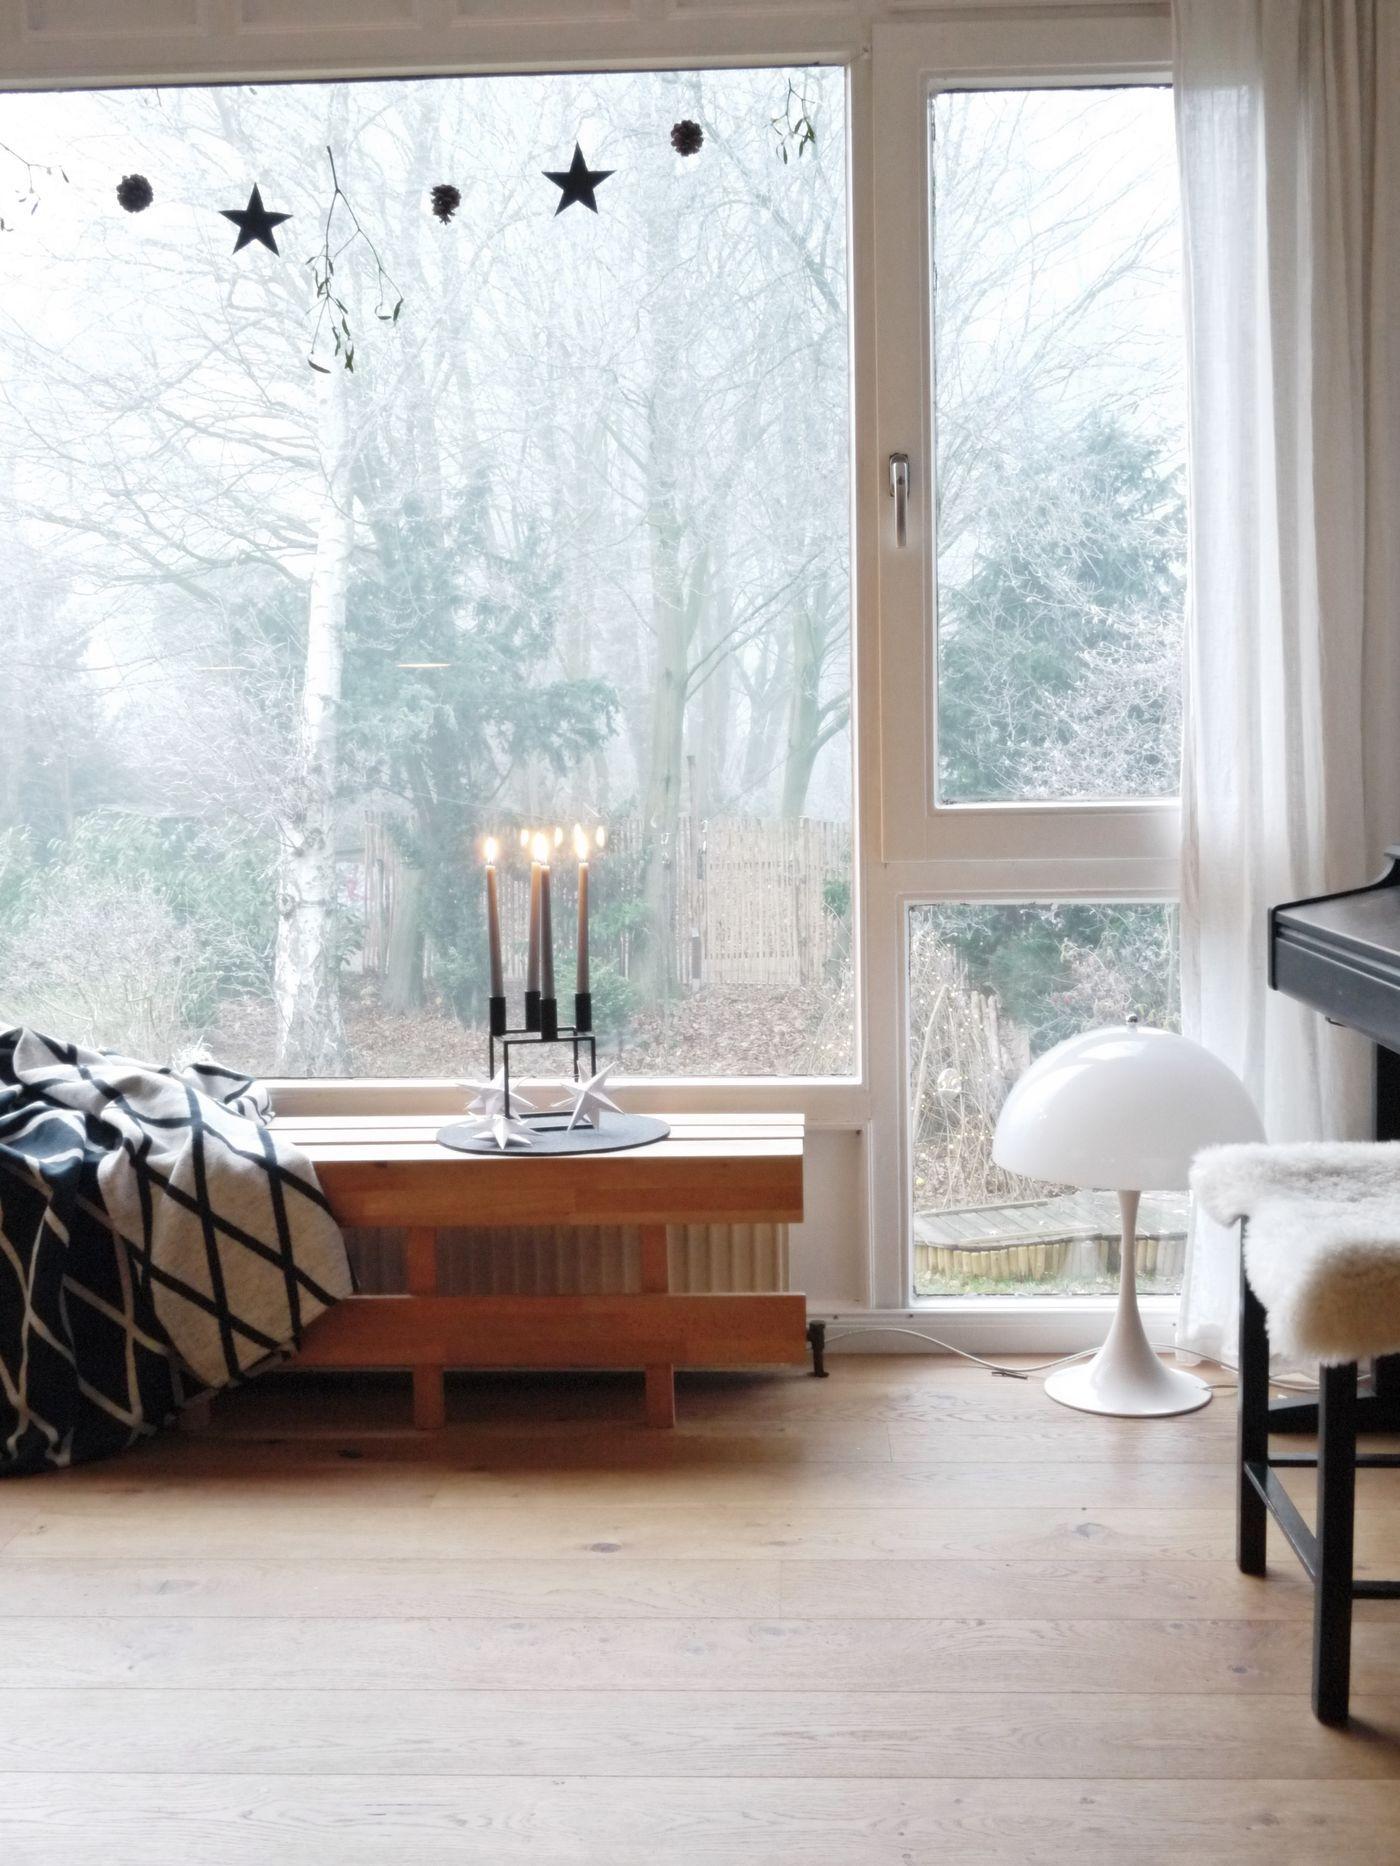 naturdeko ideen ein st ck natur f r deine wohnung. Black Bedroom Furniture Sets. Home Design Ideas